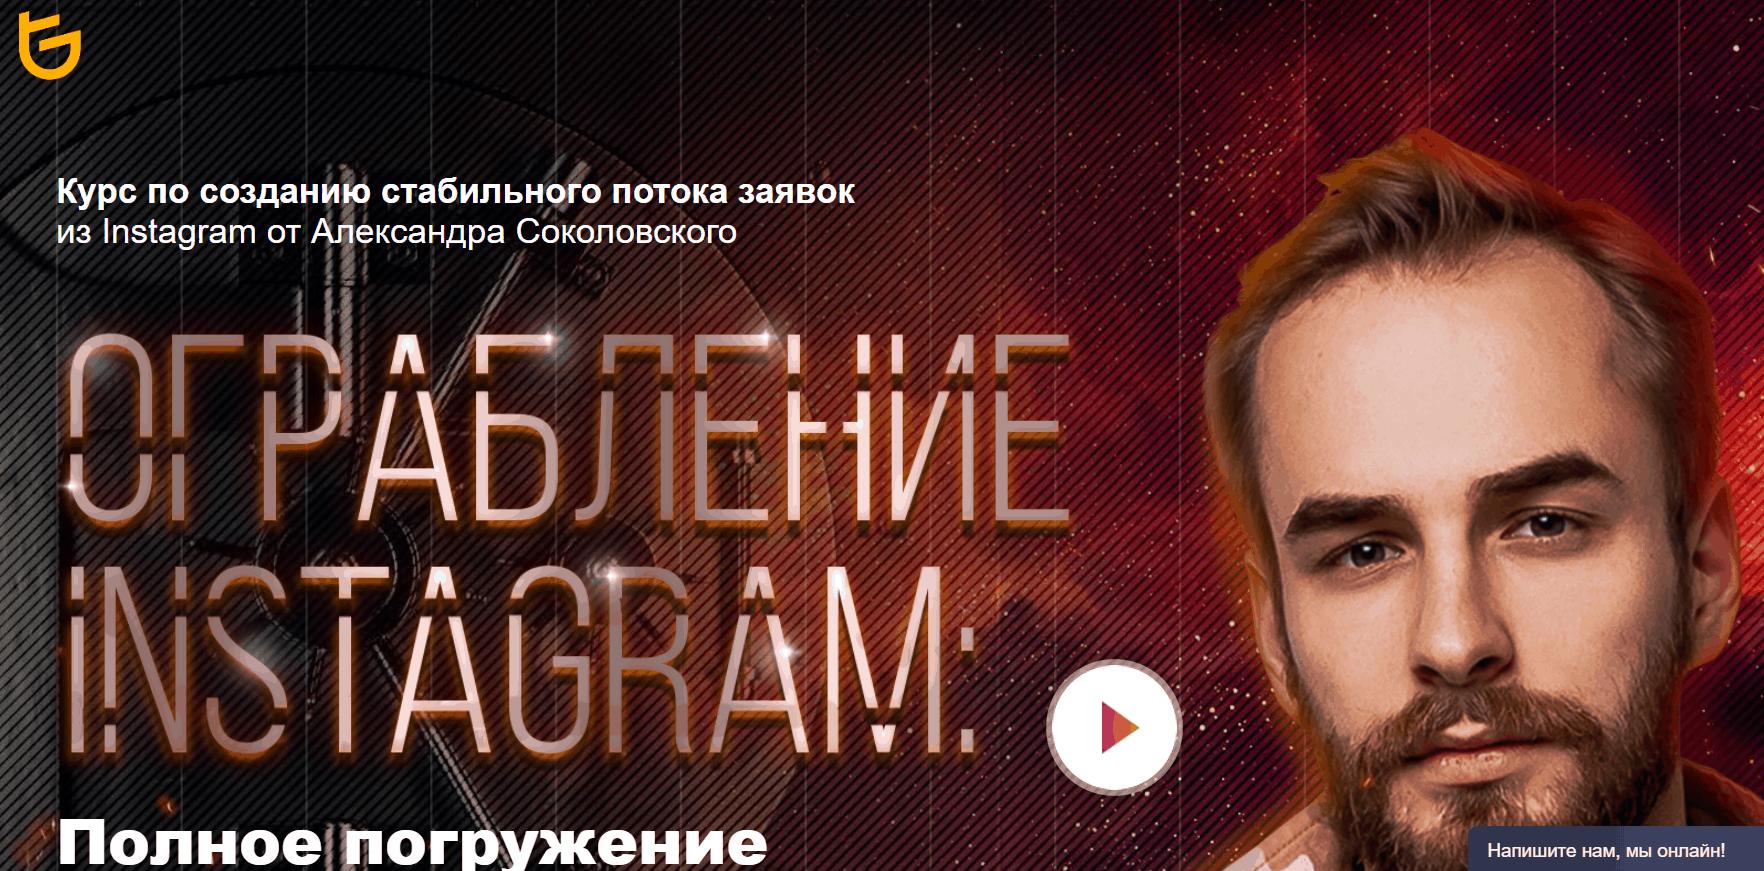 Ограбление Инстаграм от Александра Соколовского